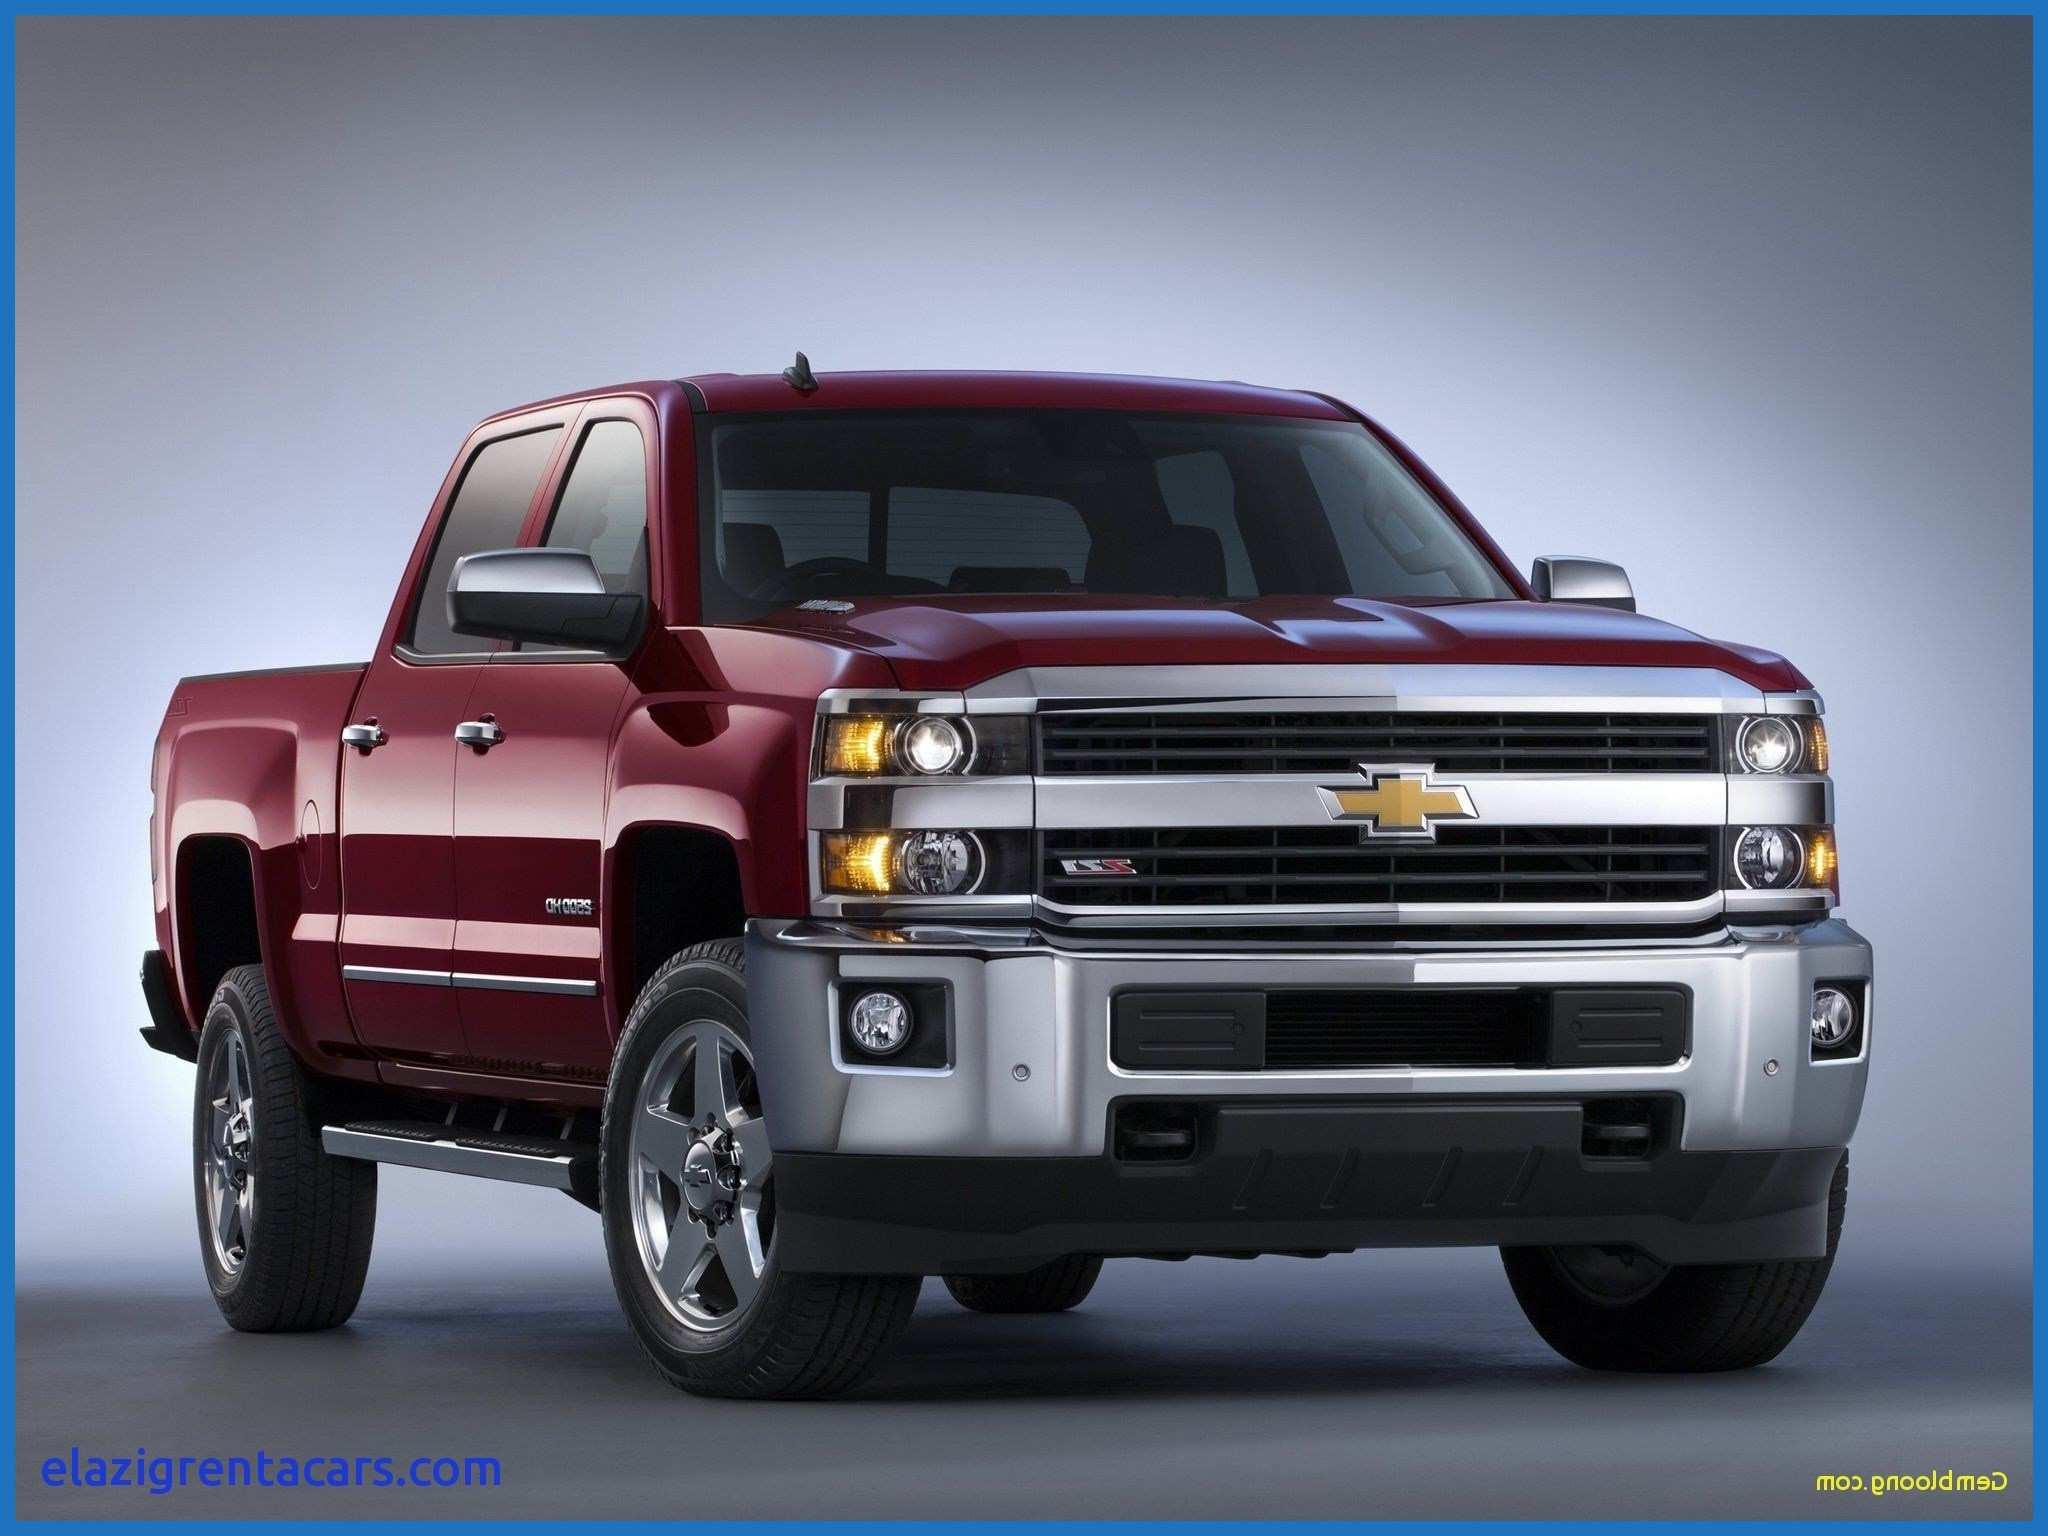 11 Great 2020 Silverado 1500 Diesel Pictures by 2020 Silverado 1500 Diesel